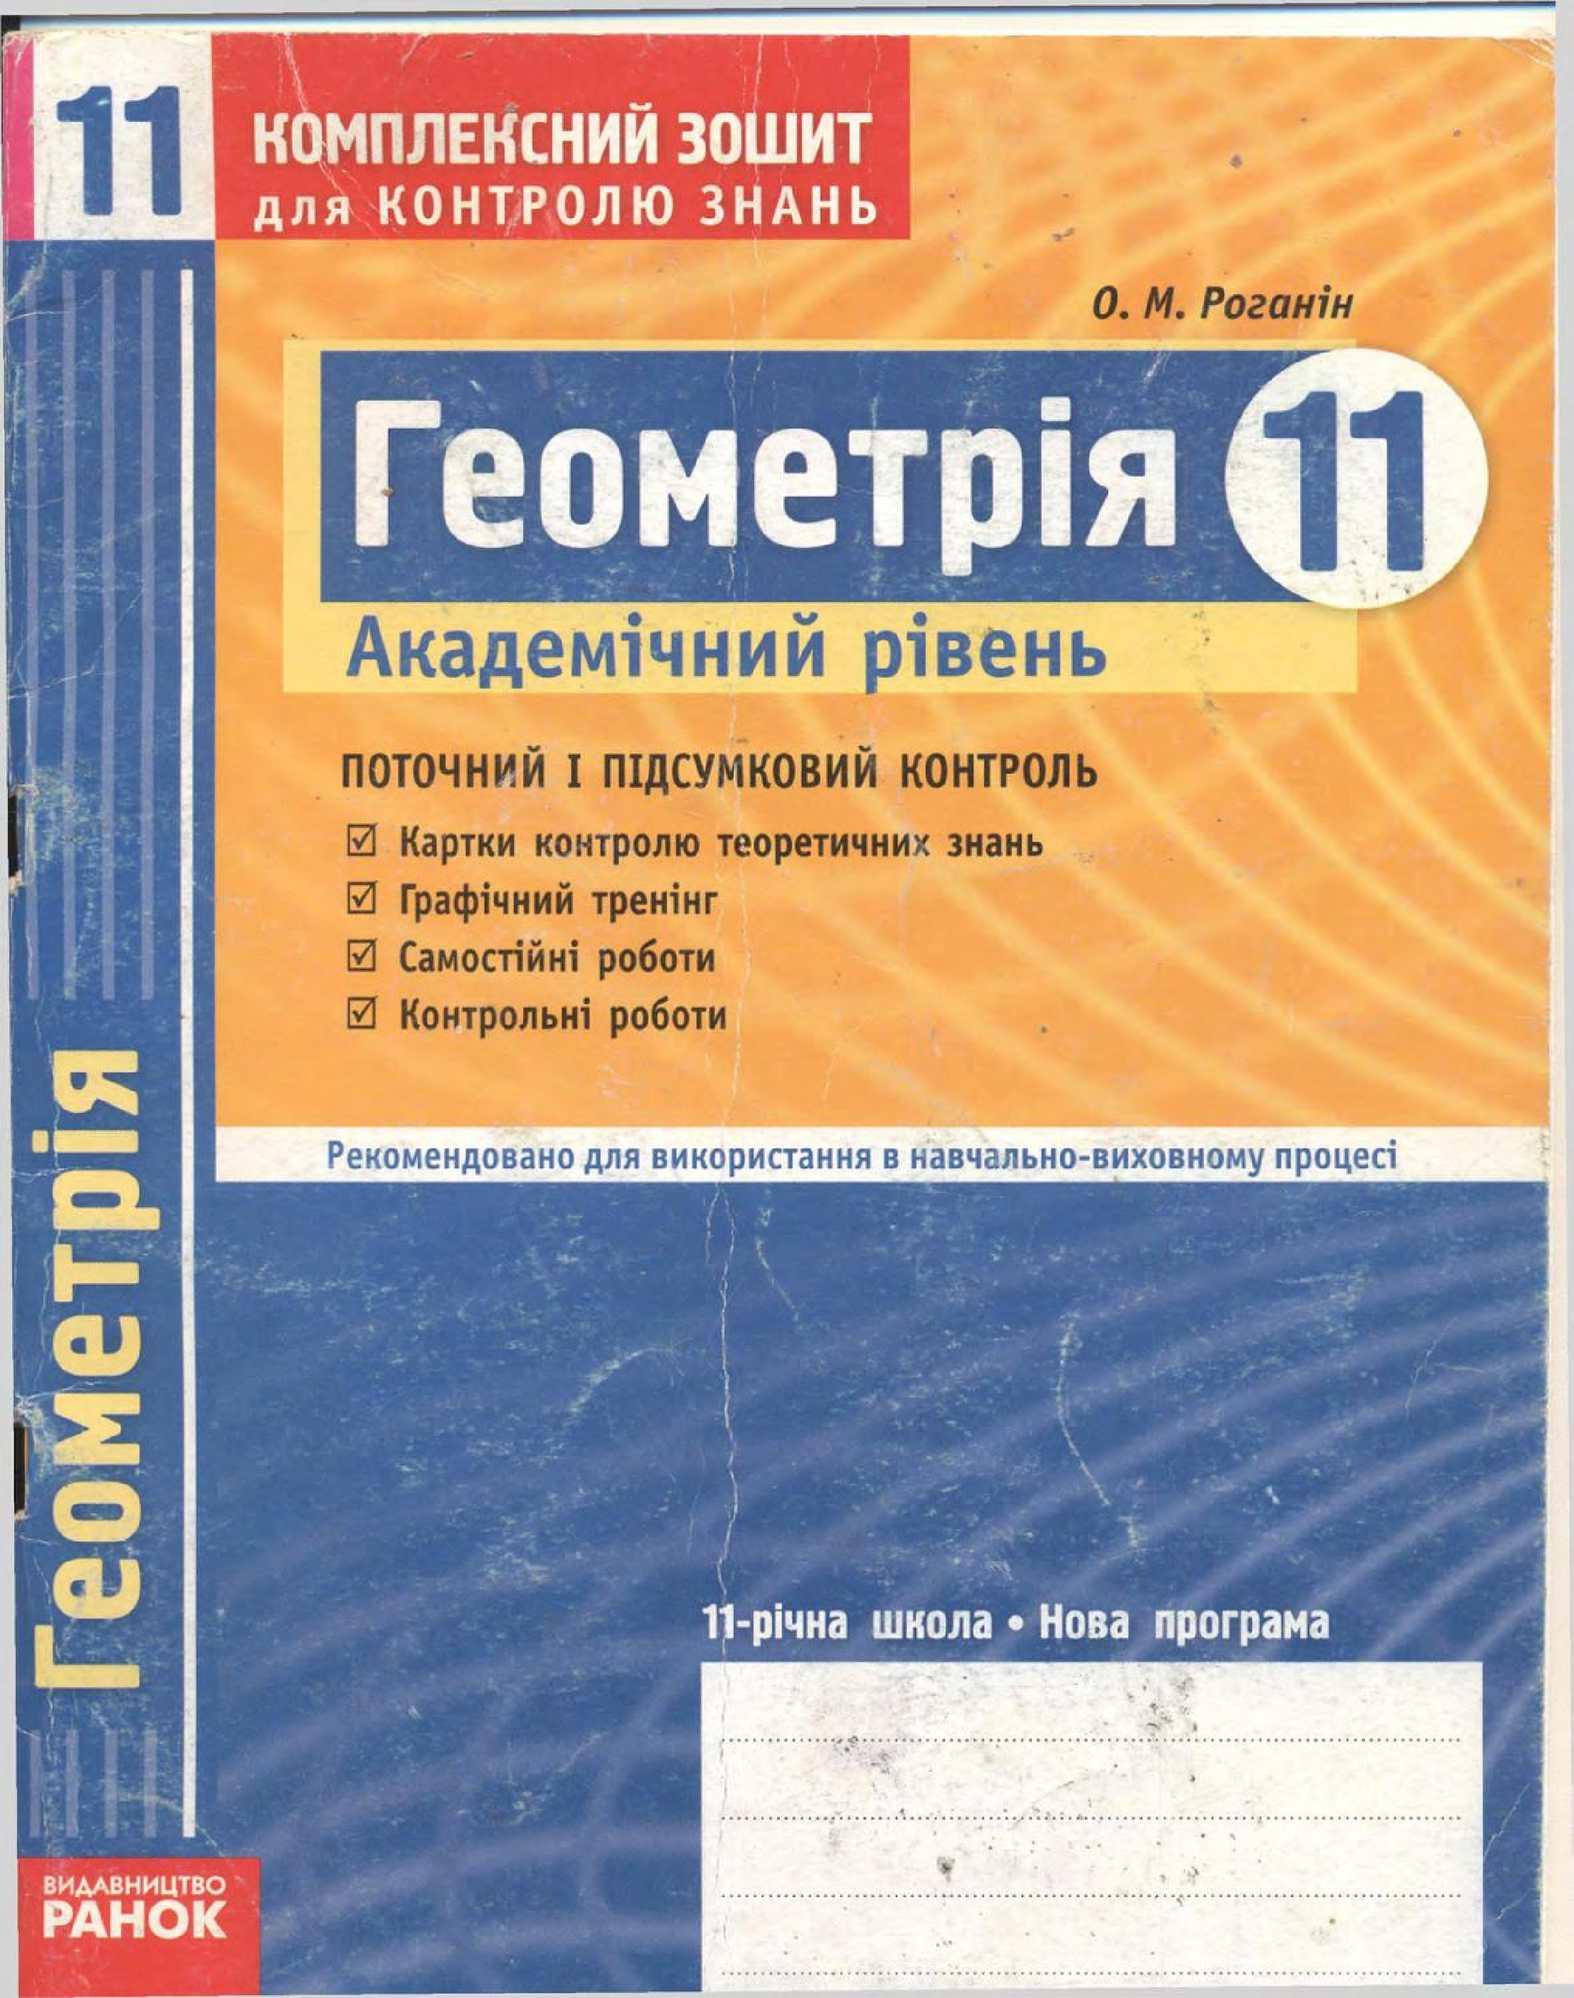 Геометрія 11 клас Комплексний зошит Роганін